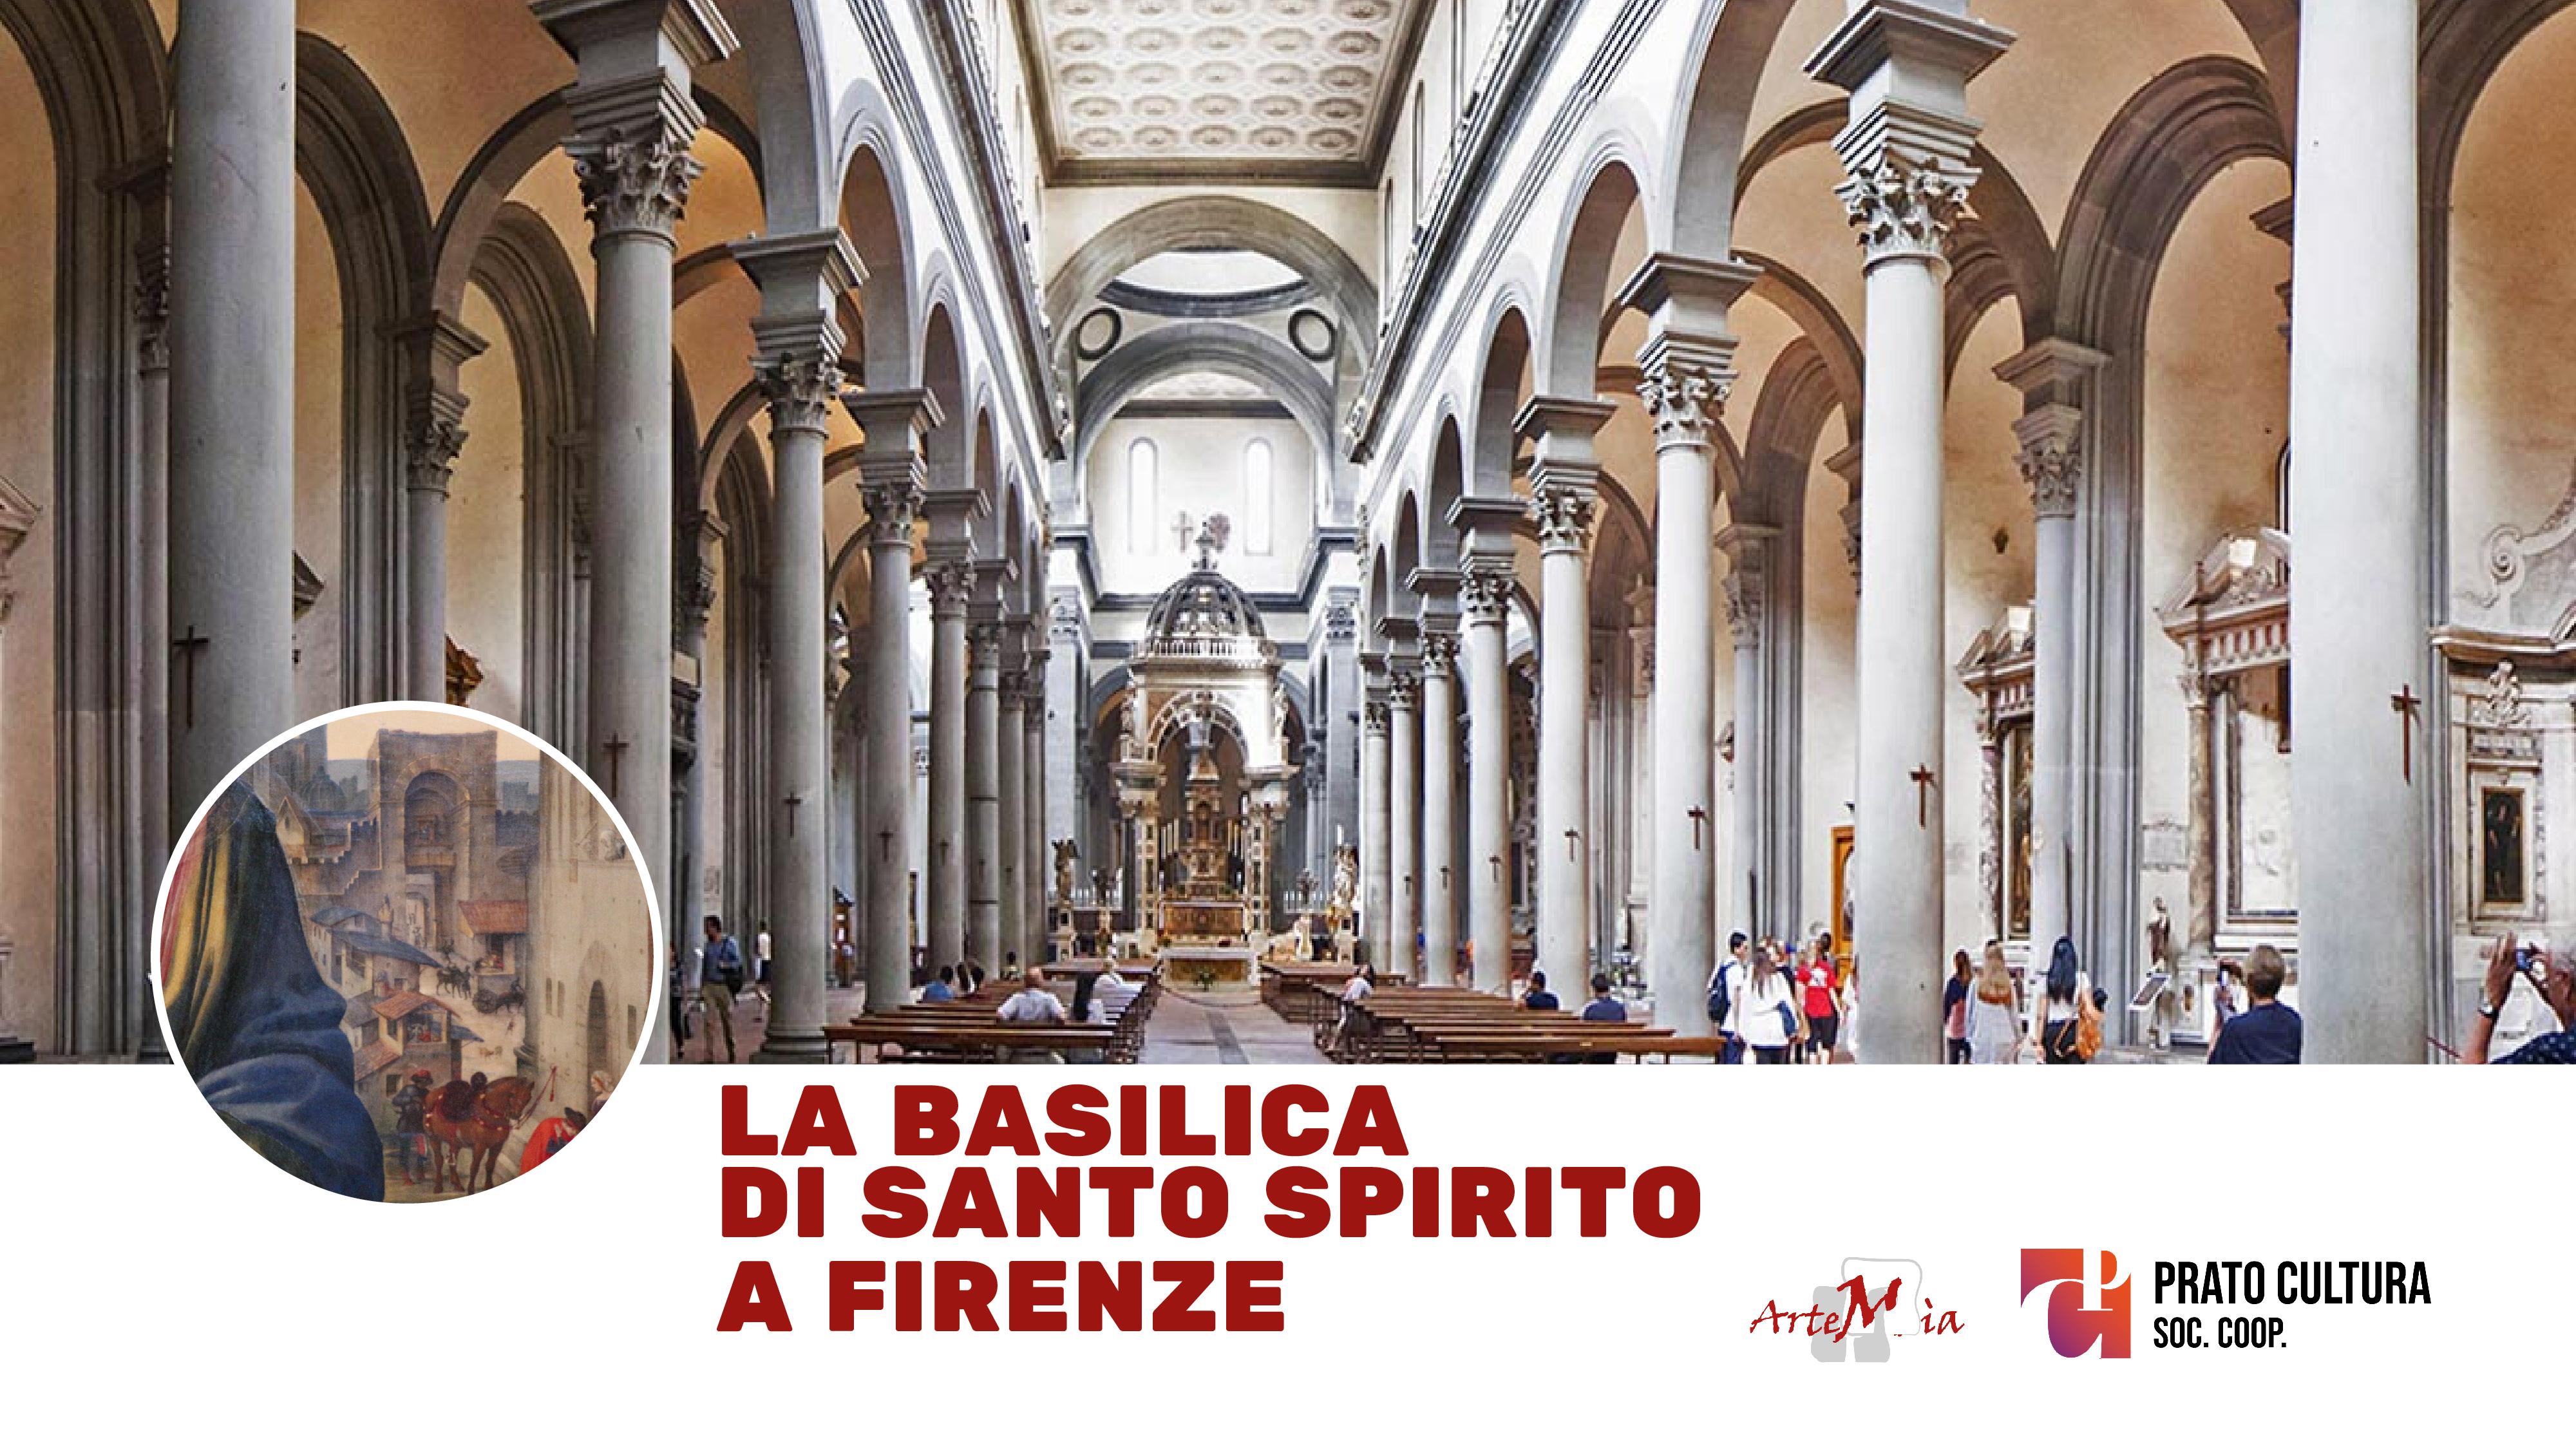 Visita: La Basilica di Santo Spirito a Firenze